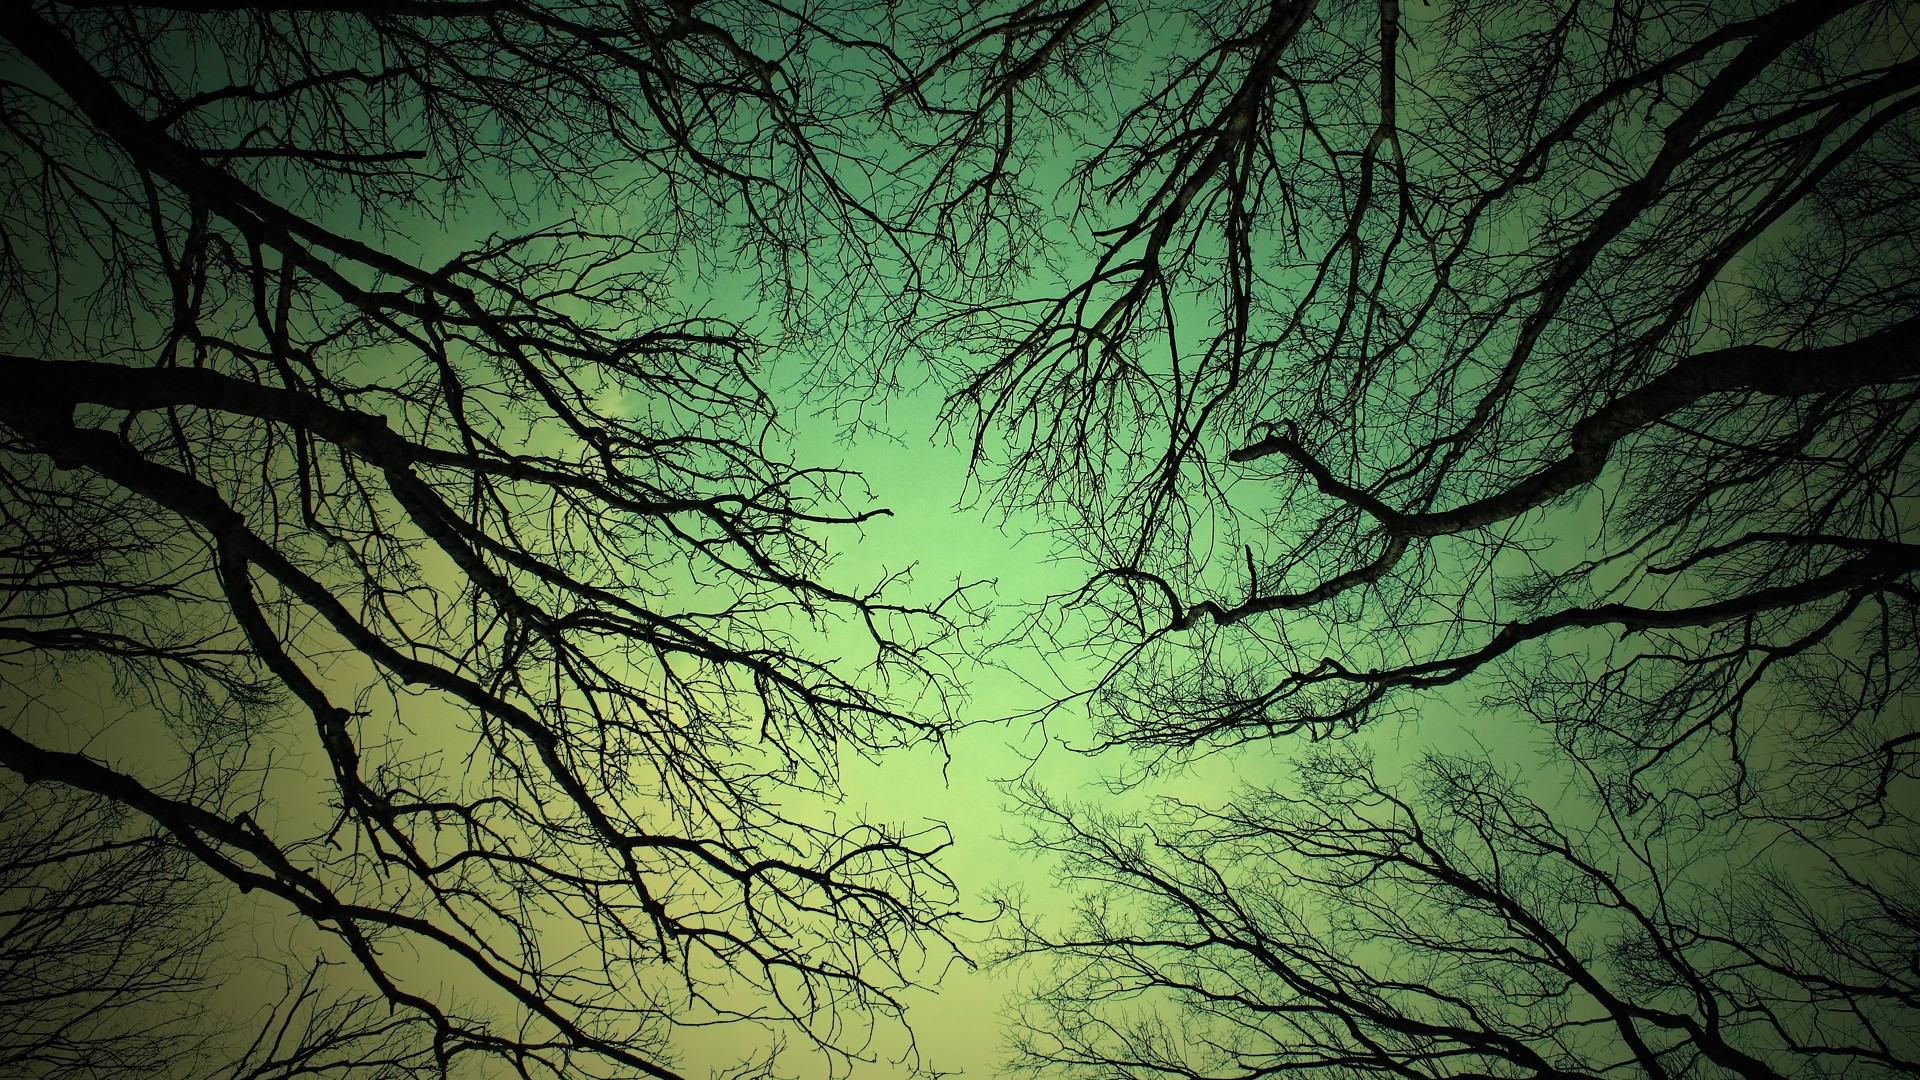 природа деревья ветки бесплатно